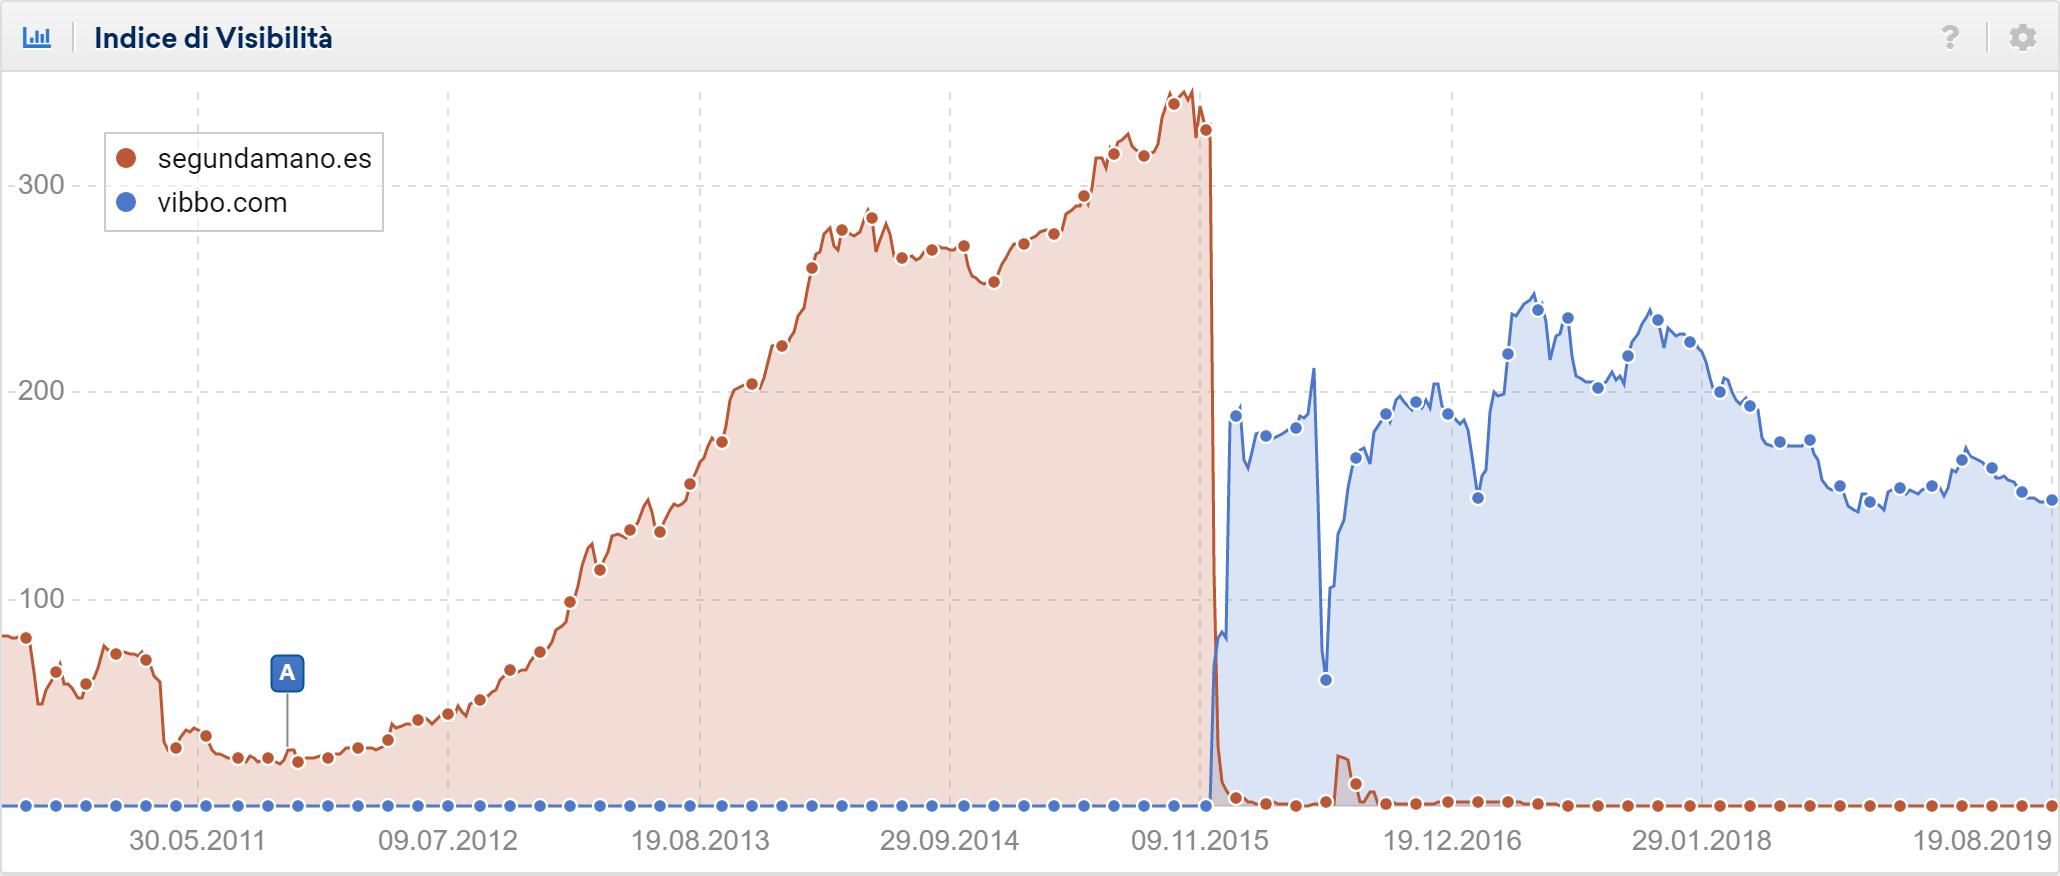 Toolbox SISTRIX: confronto tra segundamano.es e vubbo.com. Perdita di visibilità.